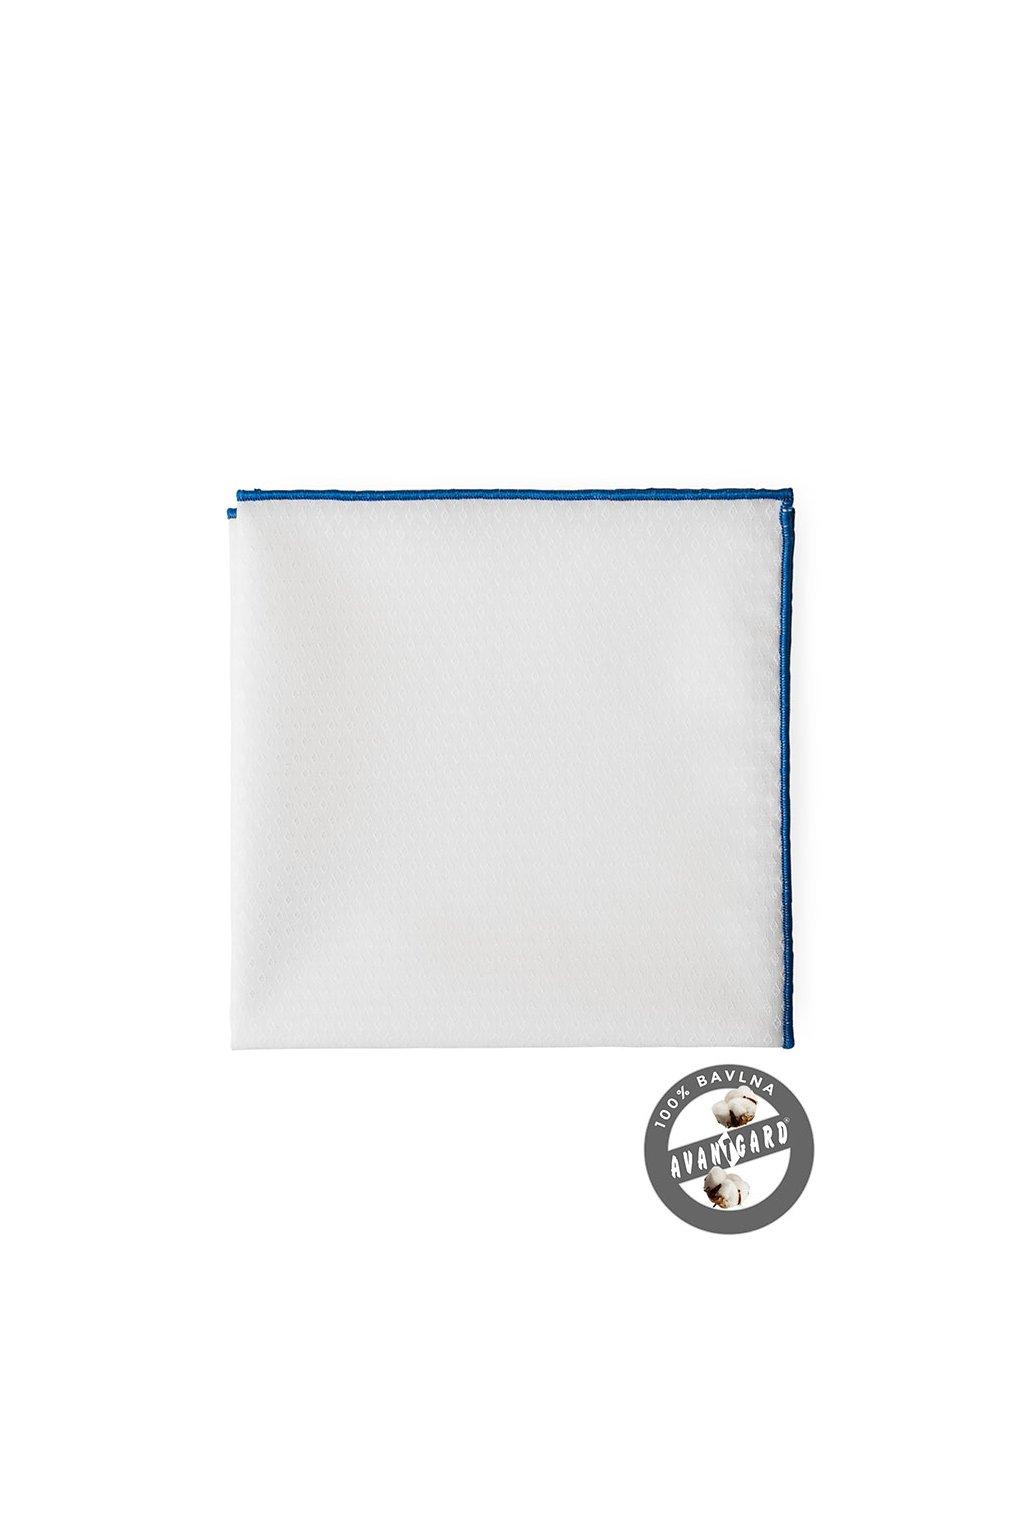 Kapesníček do saka LUX bílá/modrá 583 - 5115